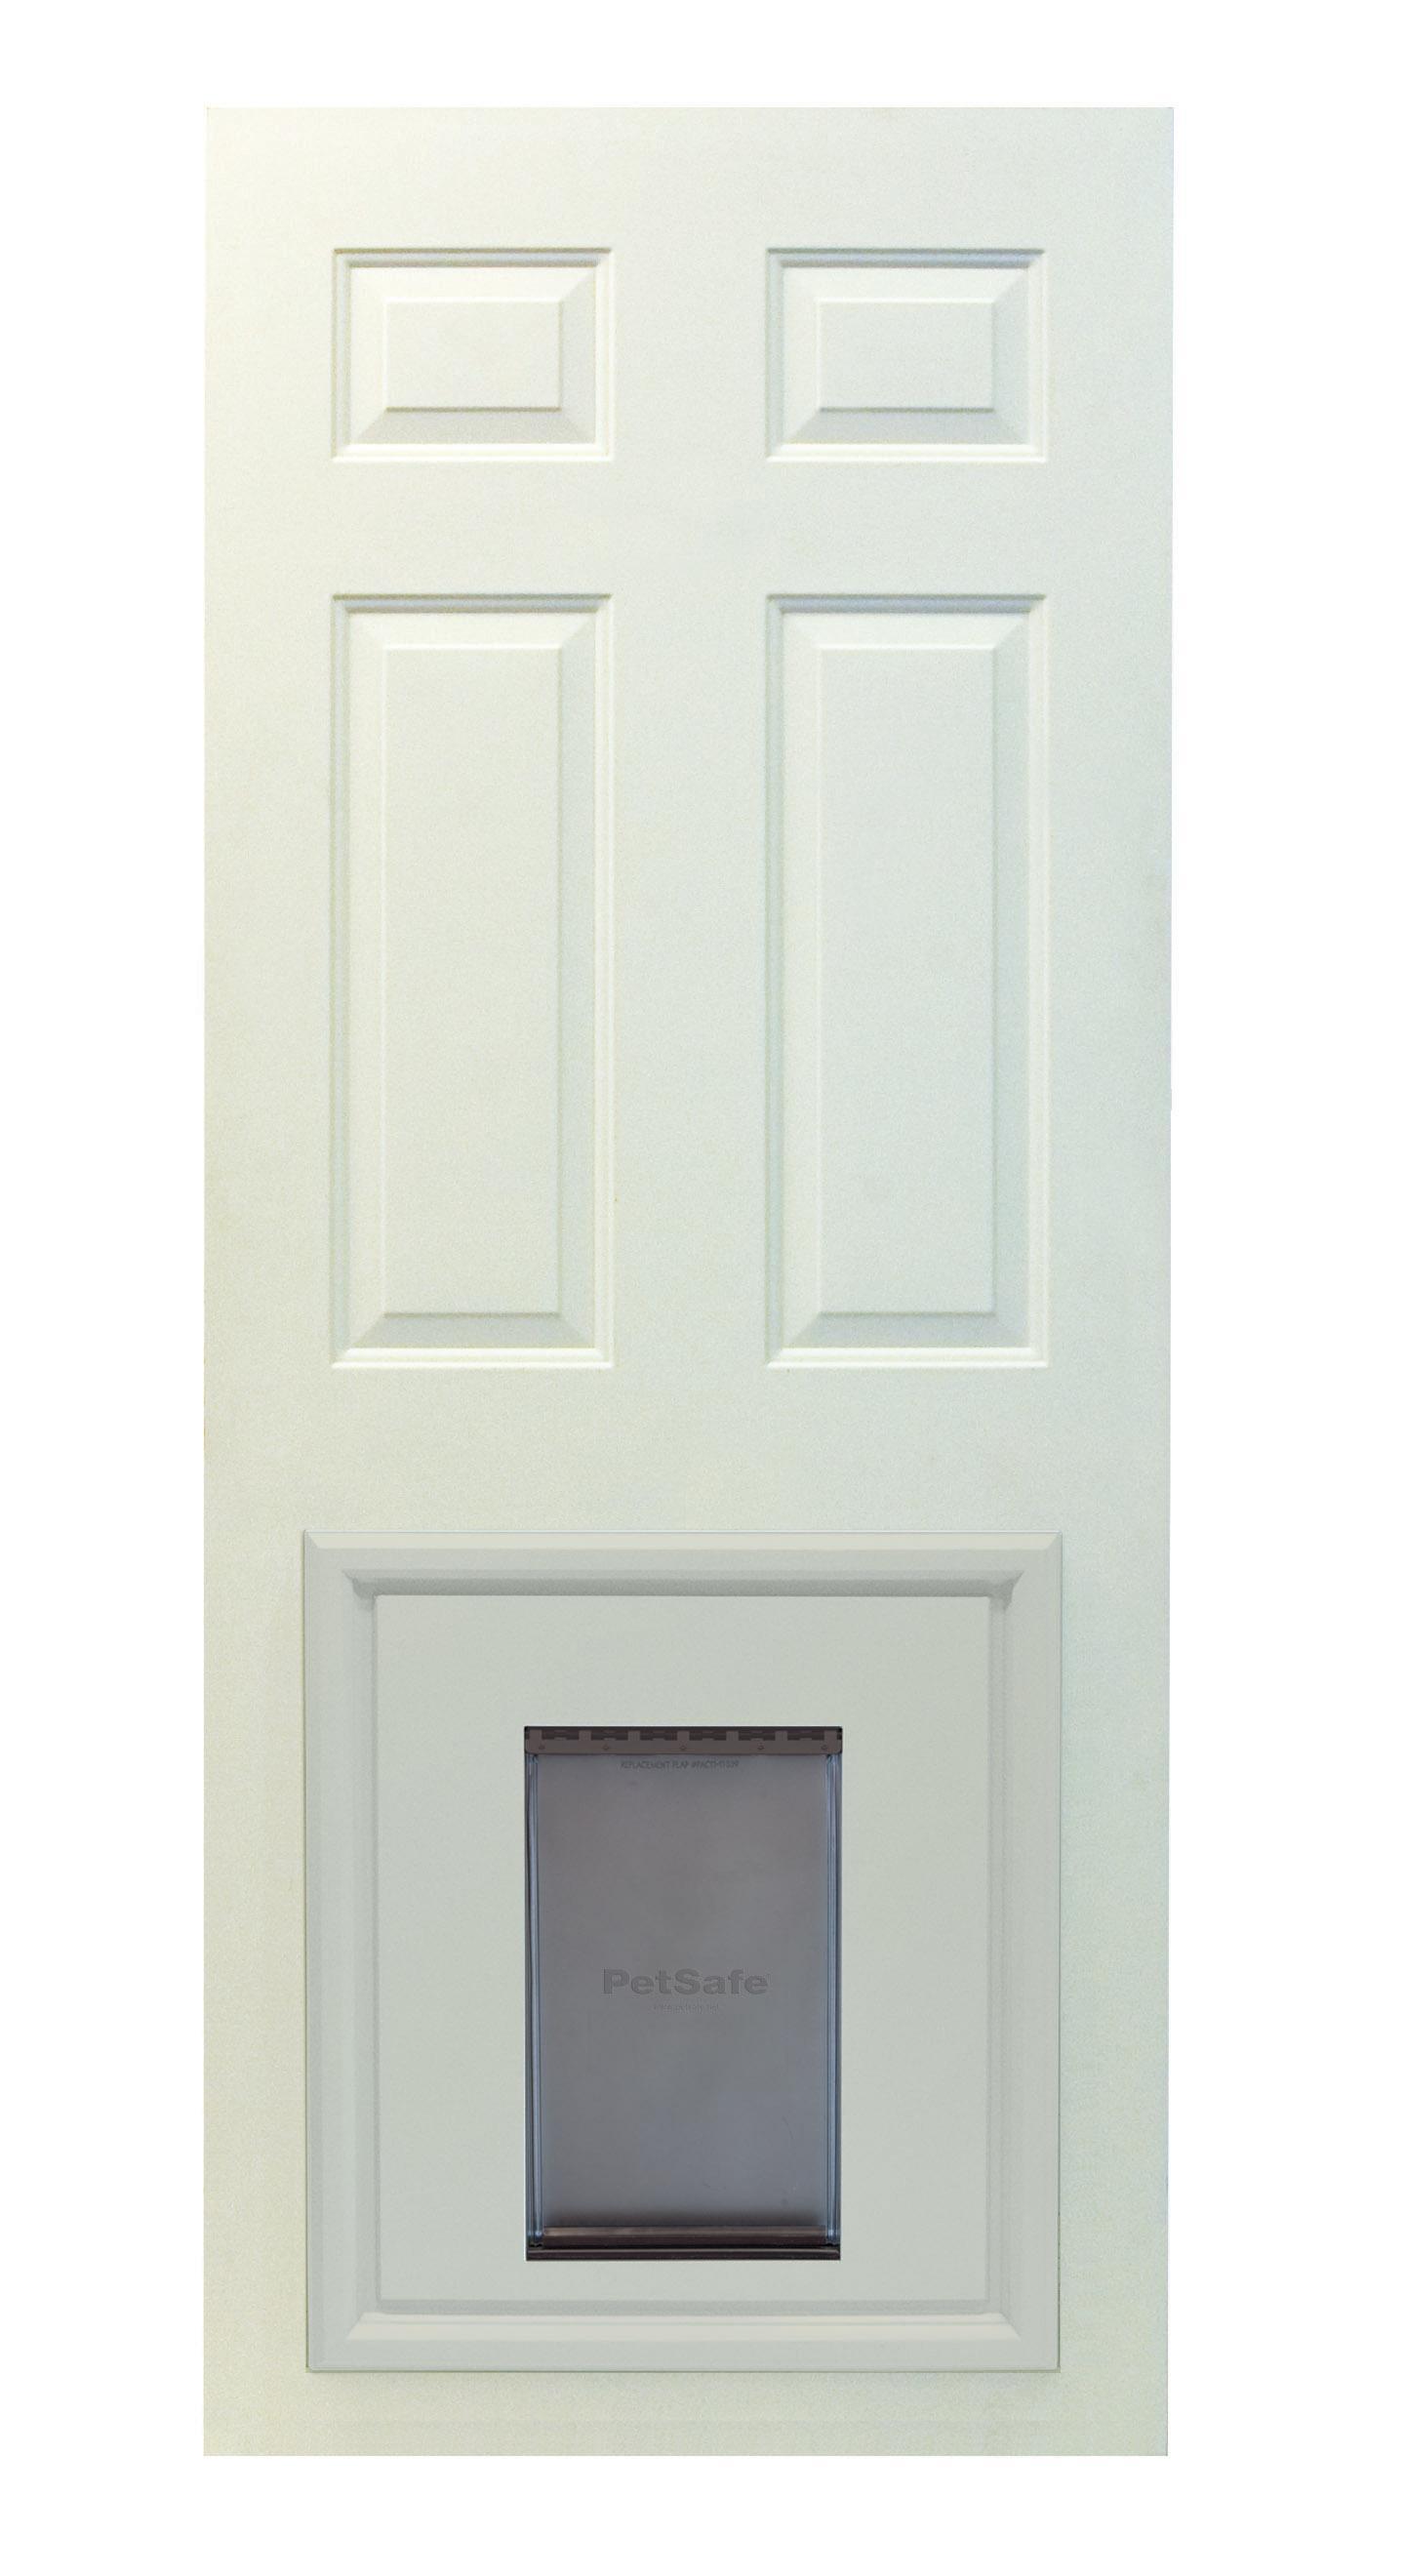 PetSafe Panel Insert  sc 1 st  Amazon.com & Amazon.com : PetSafe Panel Pet Door Paintable White Large : Pet ...